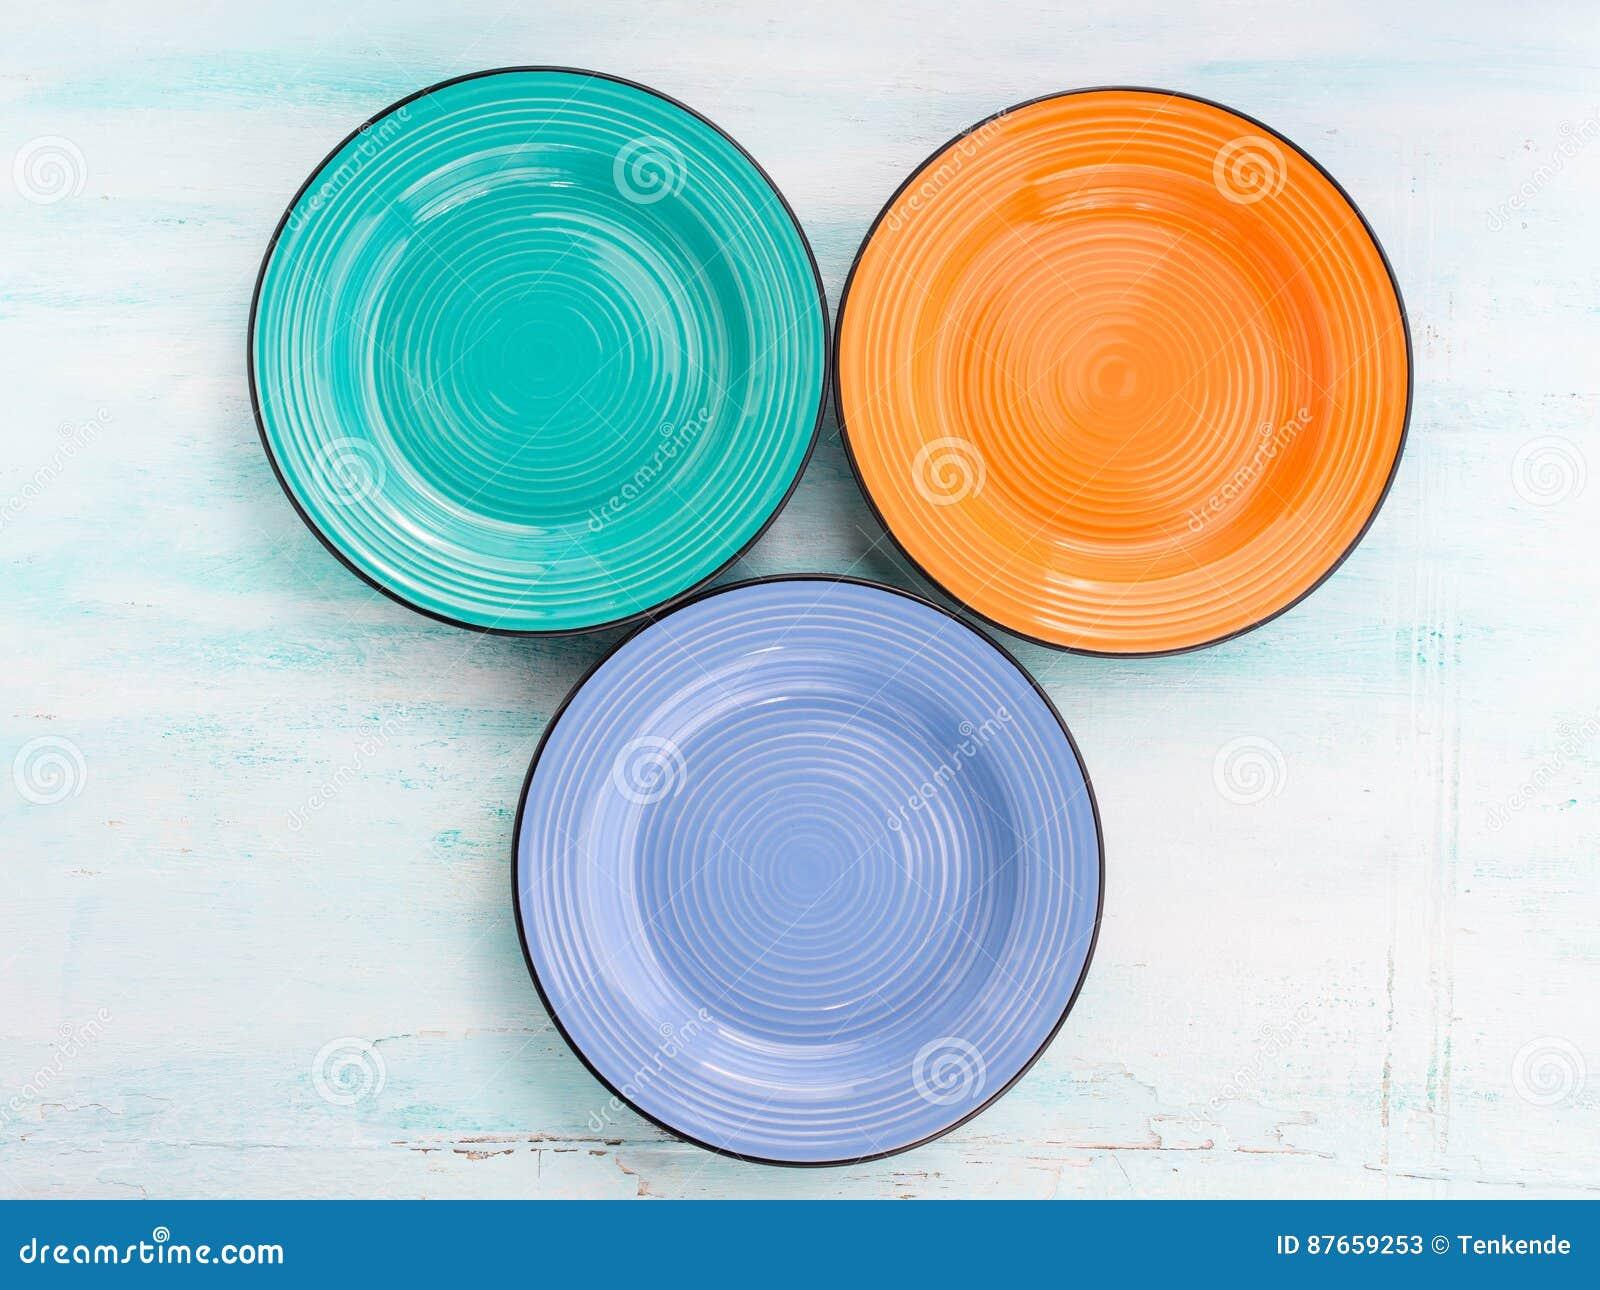 Pastelowego koloru naczynia odgórnego widoku ceramiczny półkowy tło